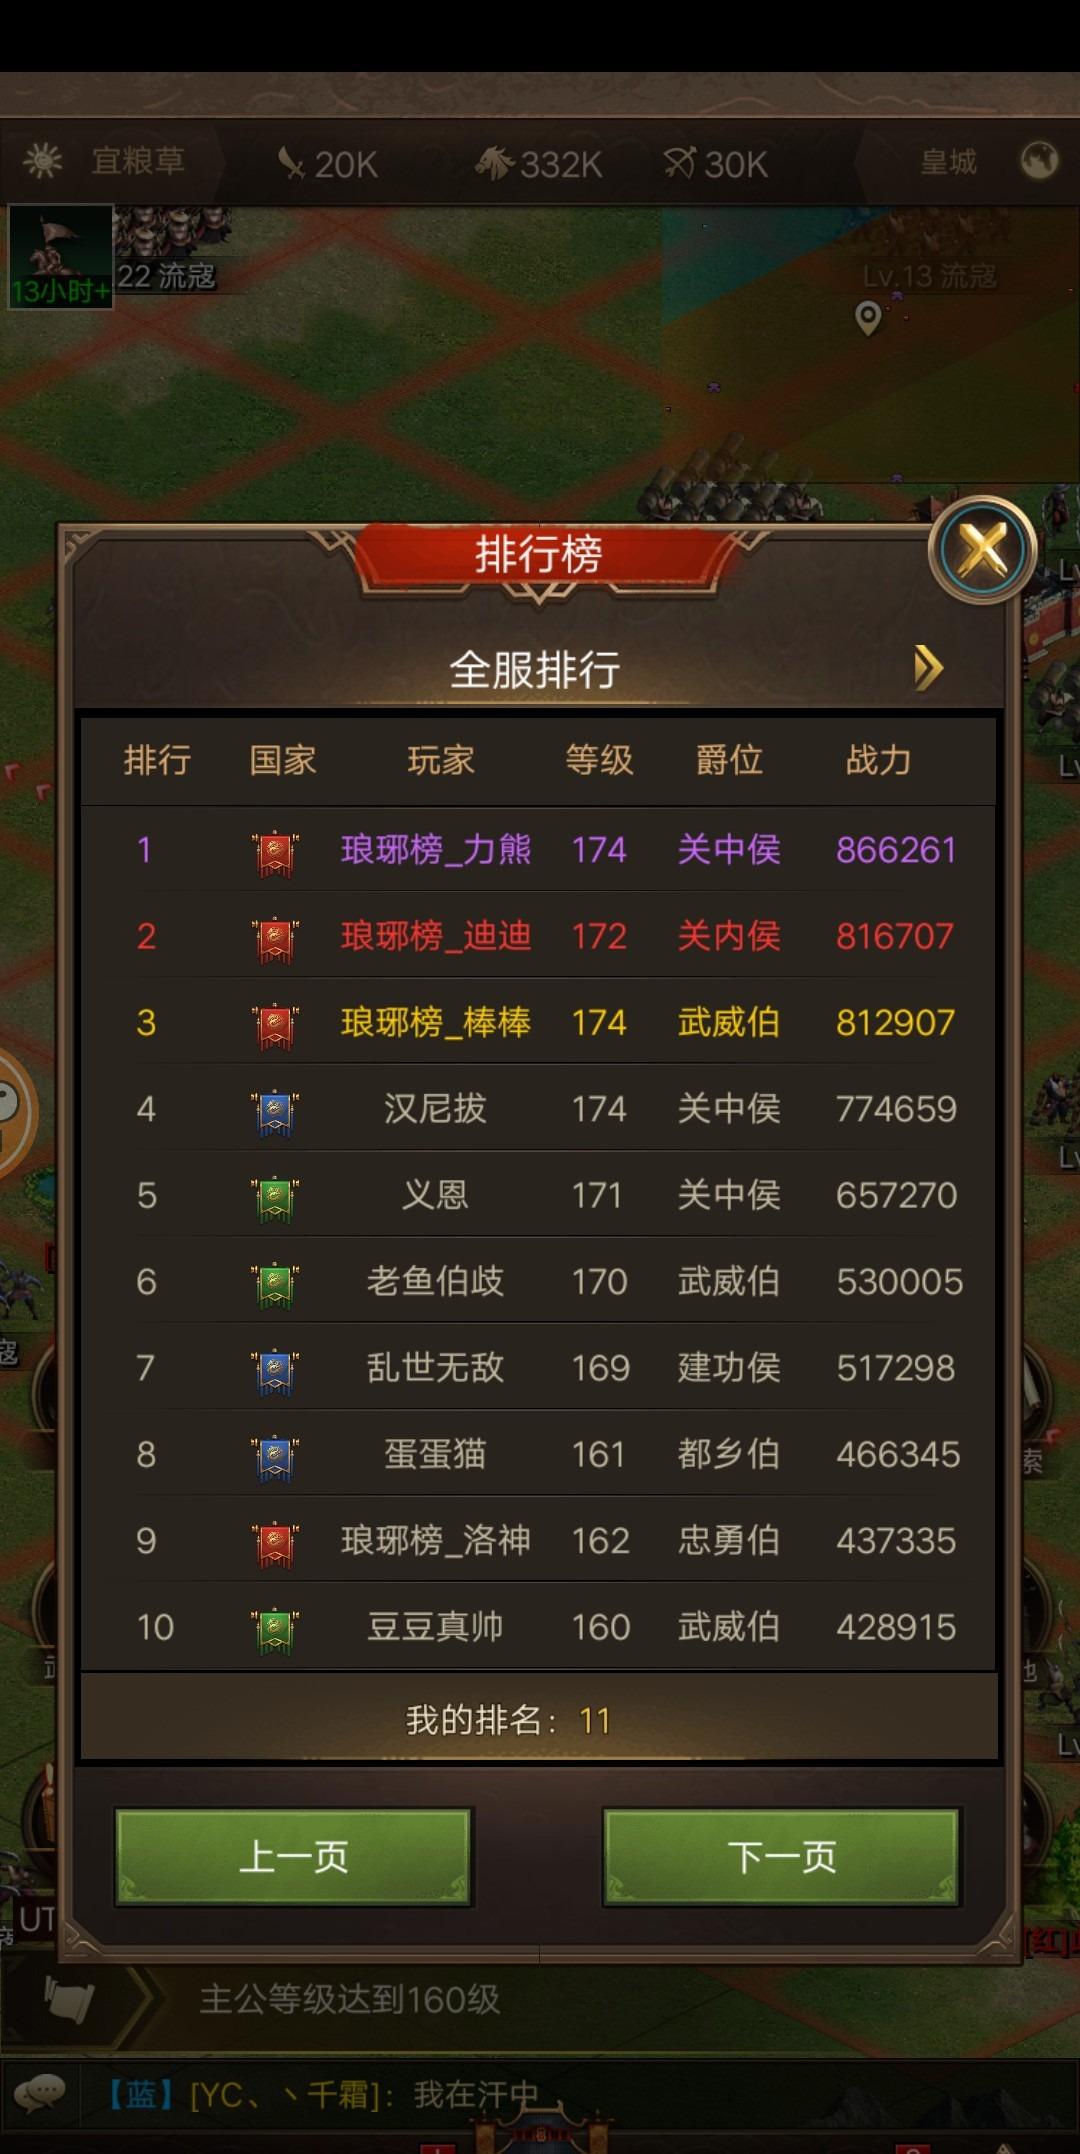 Screenshot_2019_0912_172958.jpg